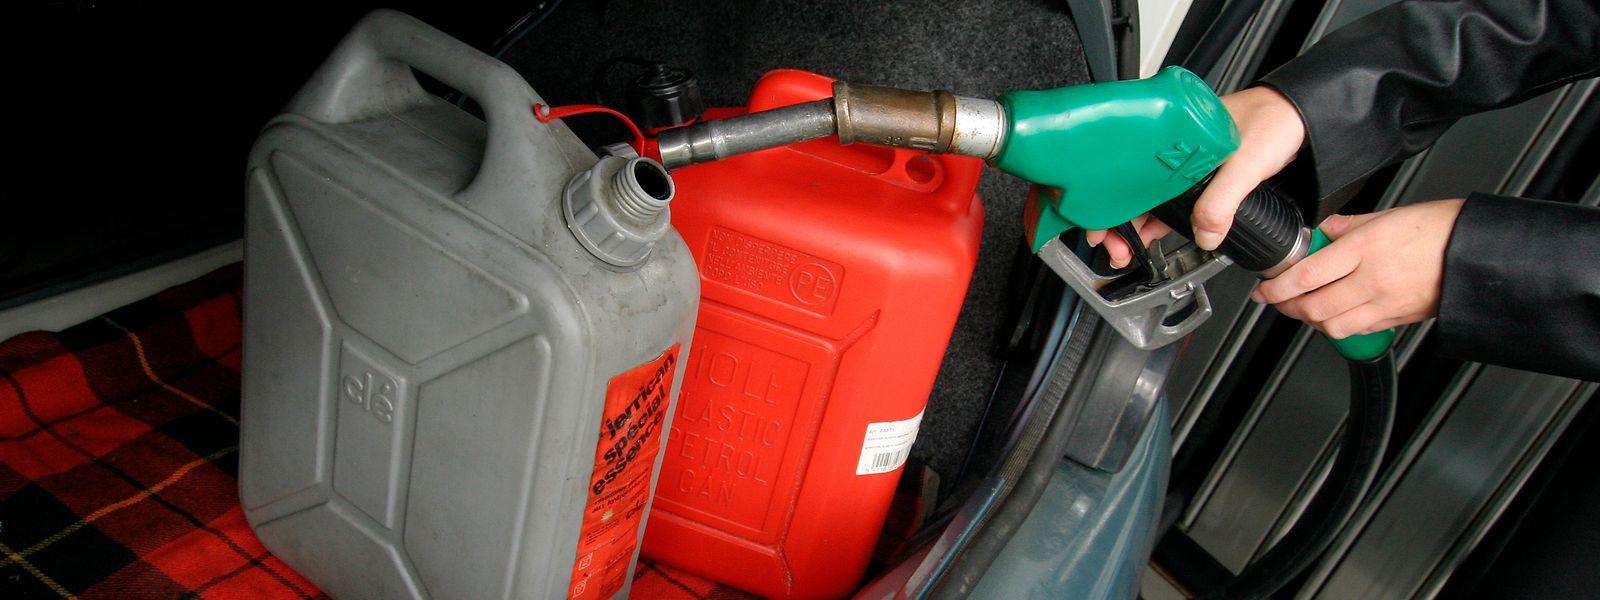 La hausse annoncée du diesel (3-5 cents/l) et de l'essence (1-3 cents/l) pèsera sur l'inflation cette année.